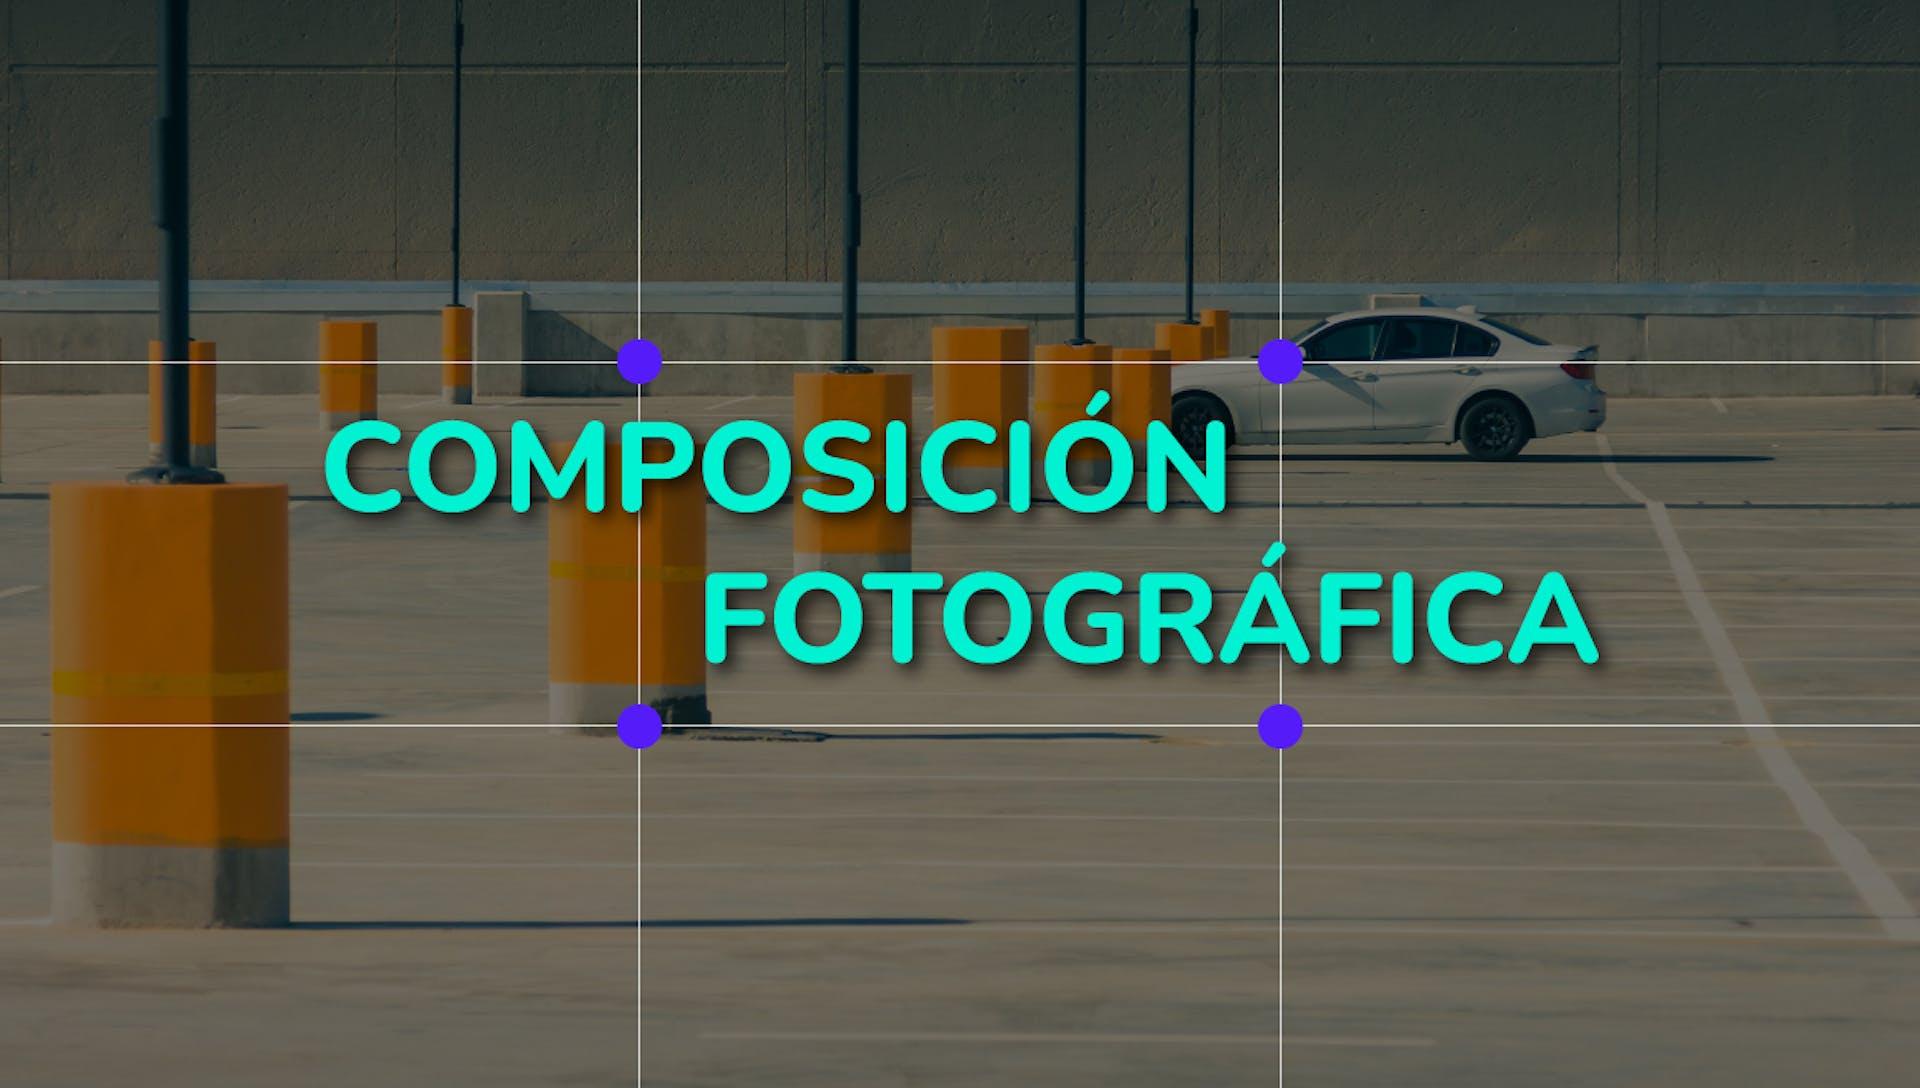 Los 15 mejores tipos de composición fotográfica para lograr fotos alucinantes